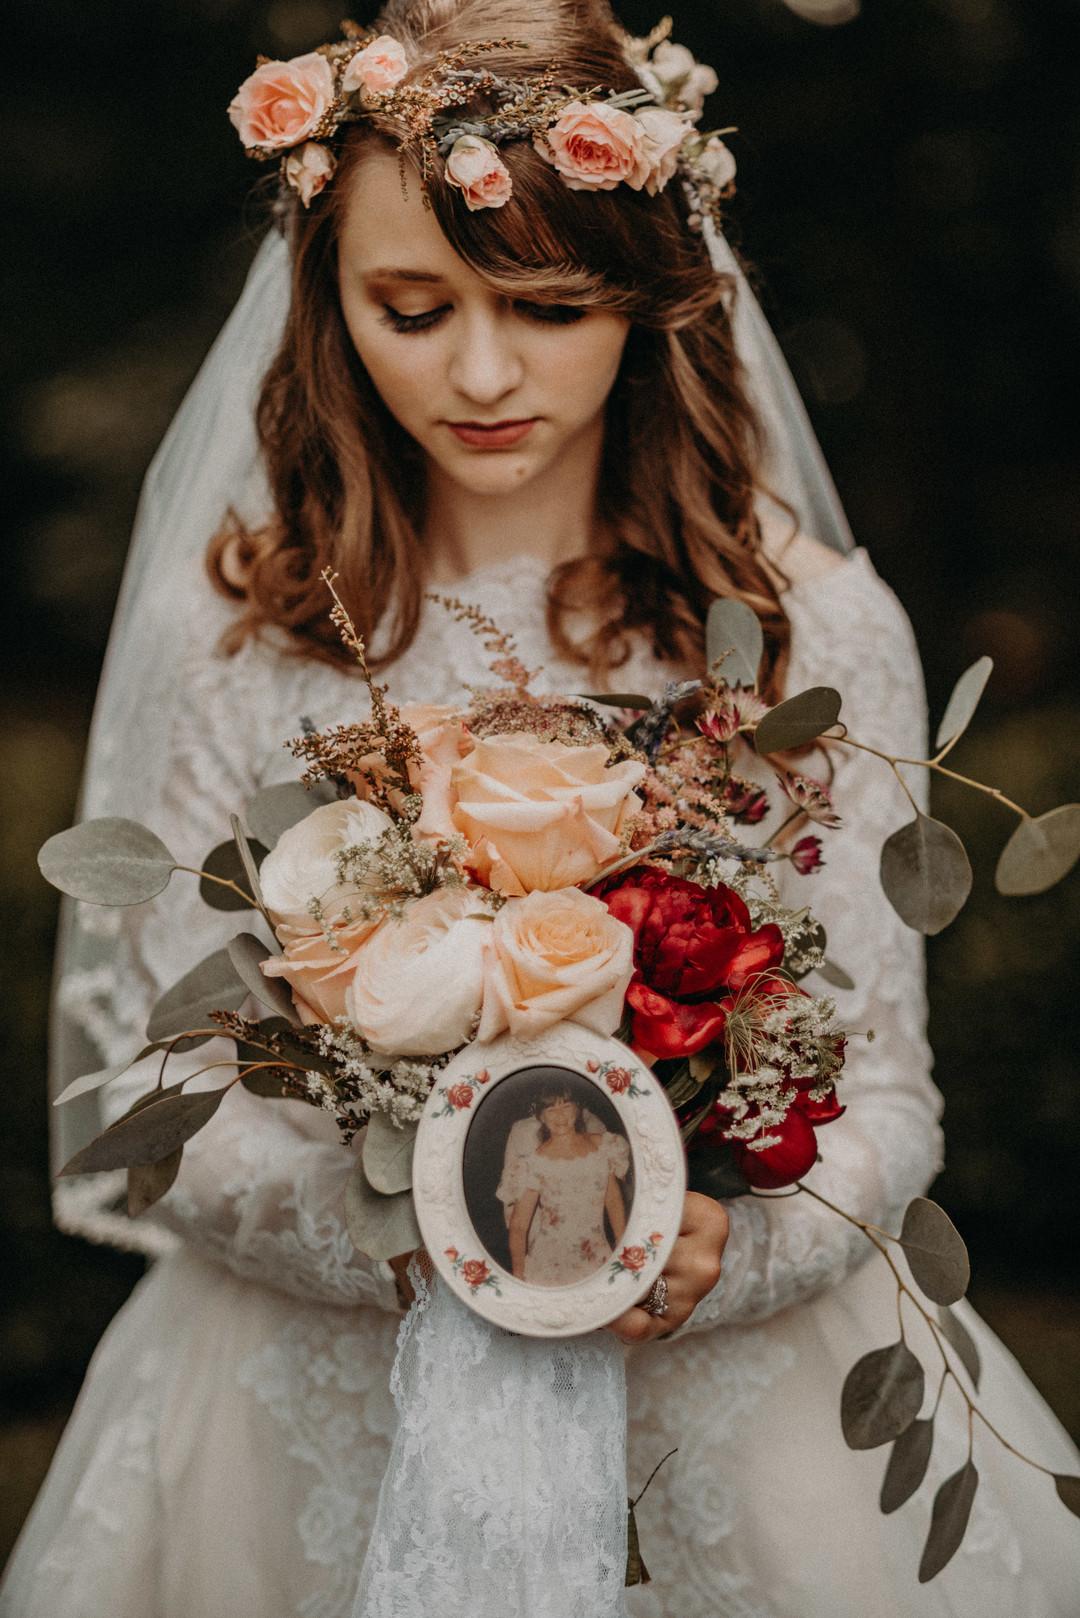 bröllop+vintage+brudklänning+brudbukett